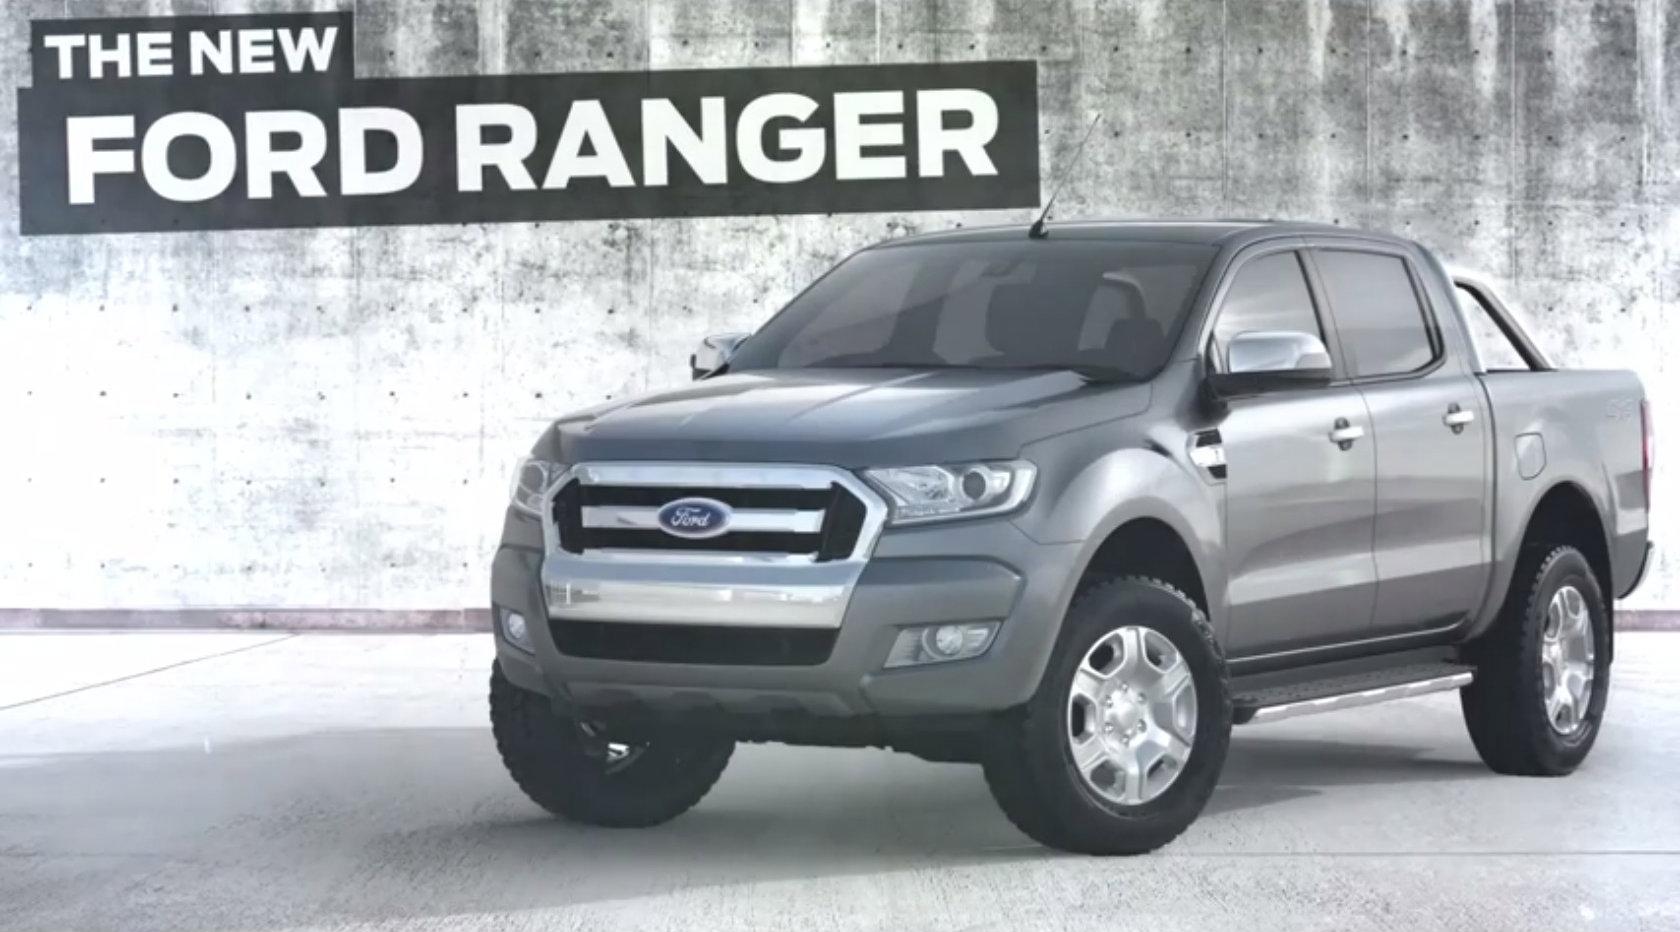 2015 Ford Ranger Facelift Fully Revealed - autoevolution